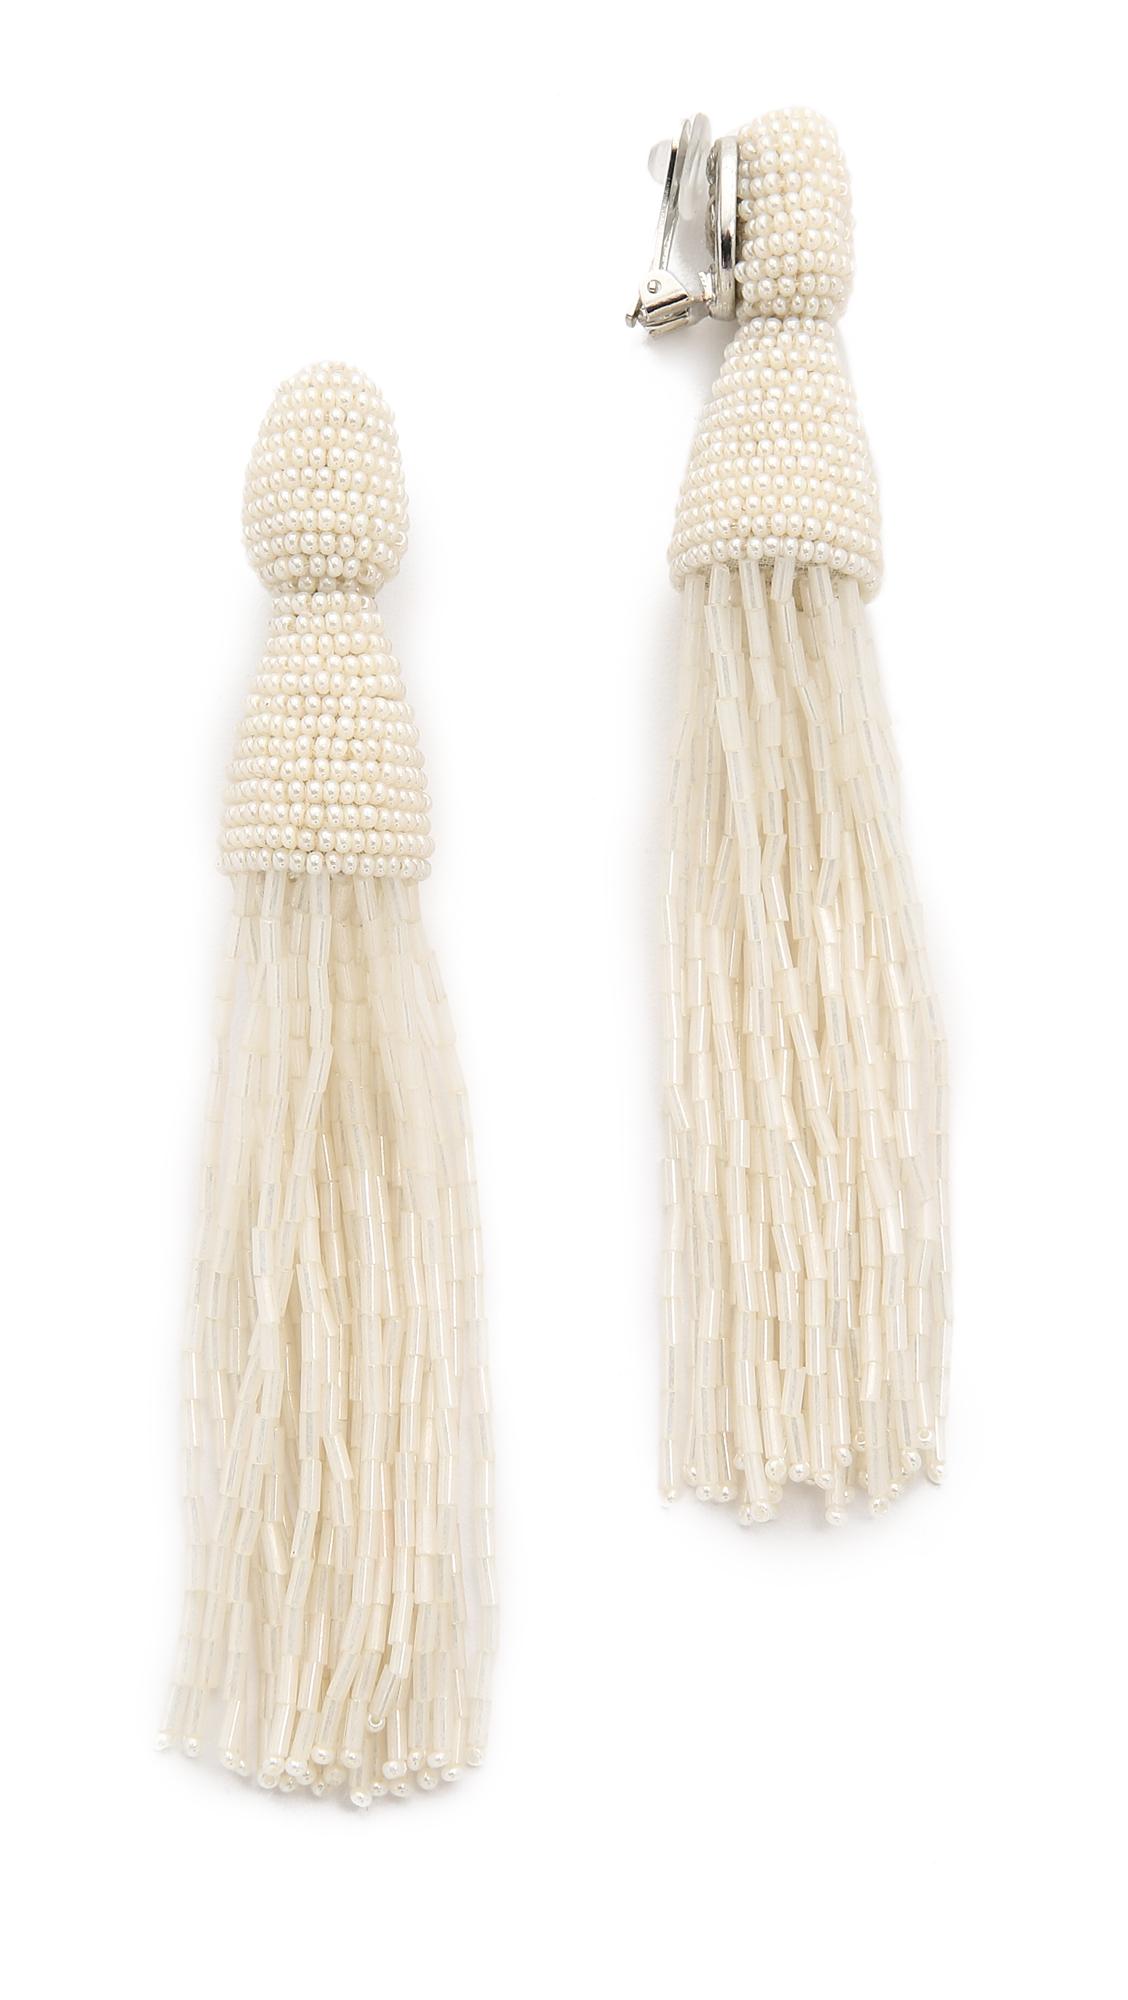 Oscar De La Renta Long Bugle Bead Tassel Clip On Earrings